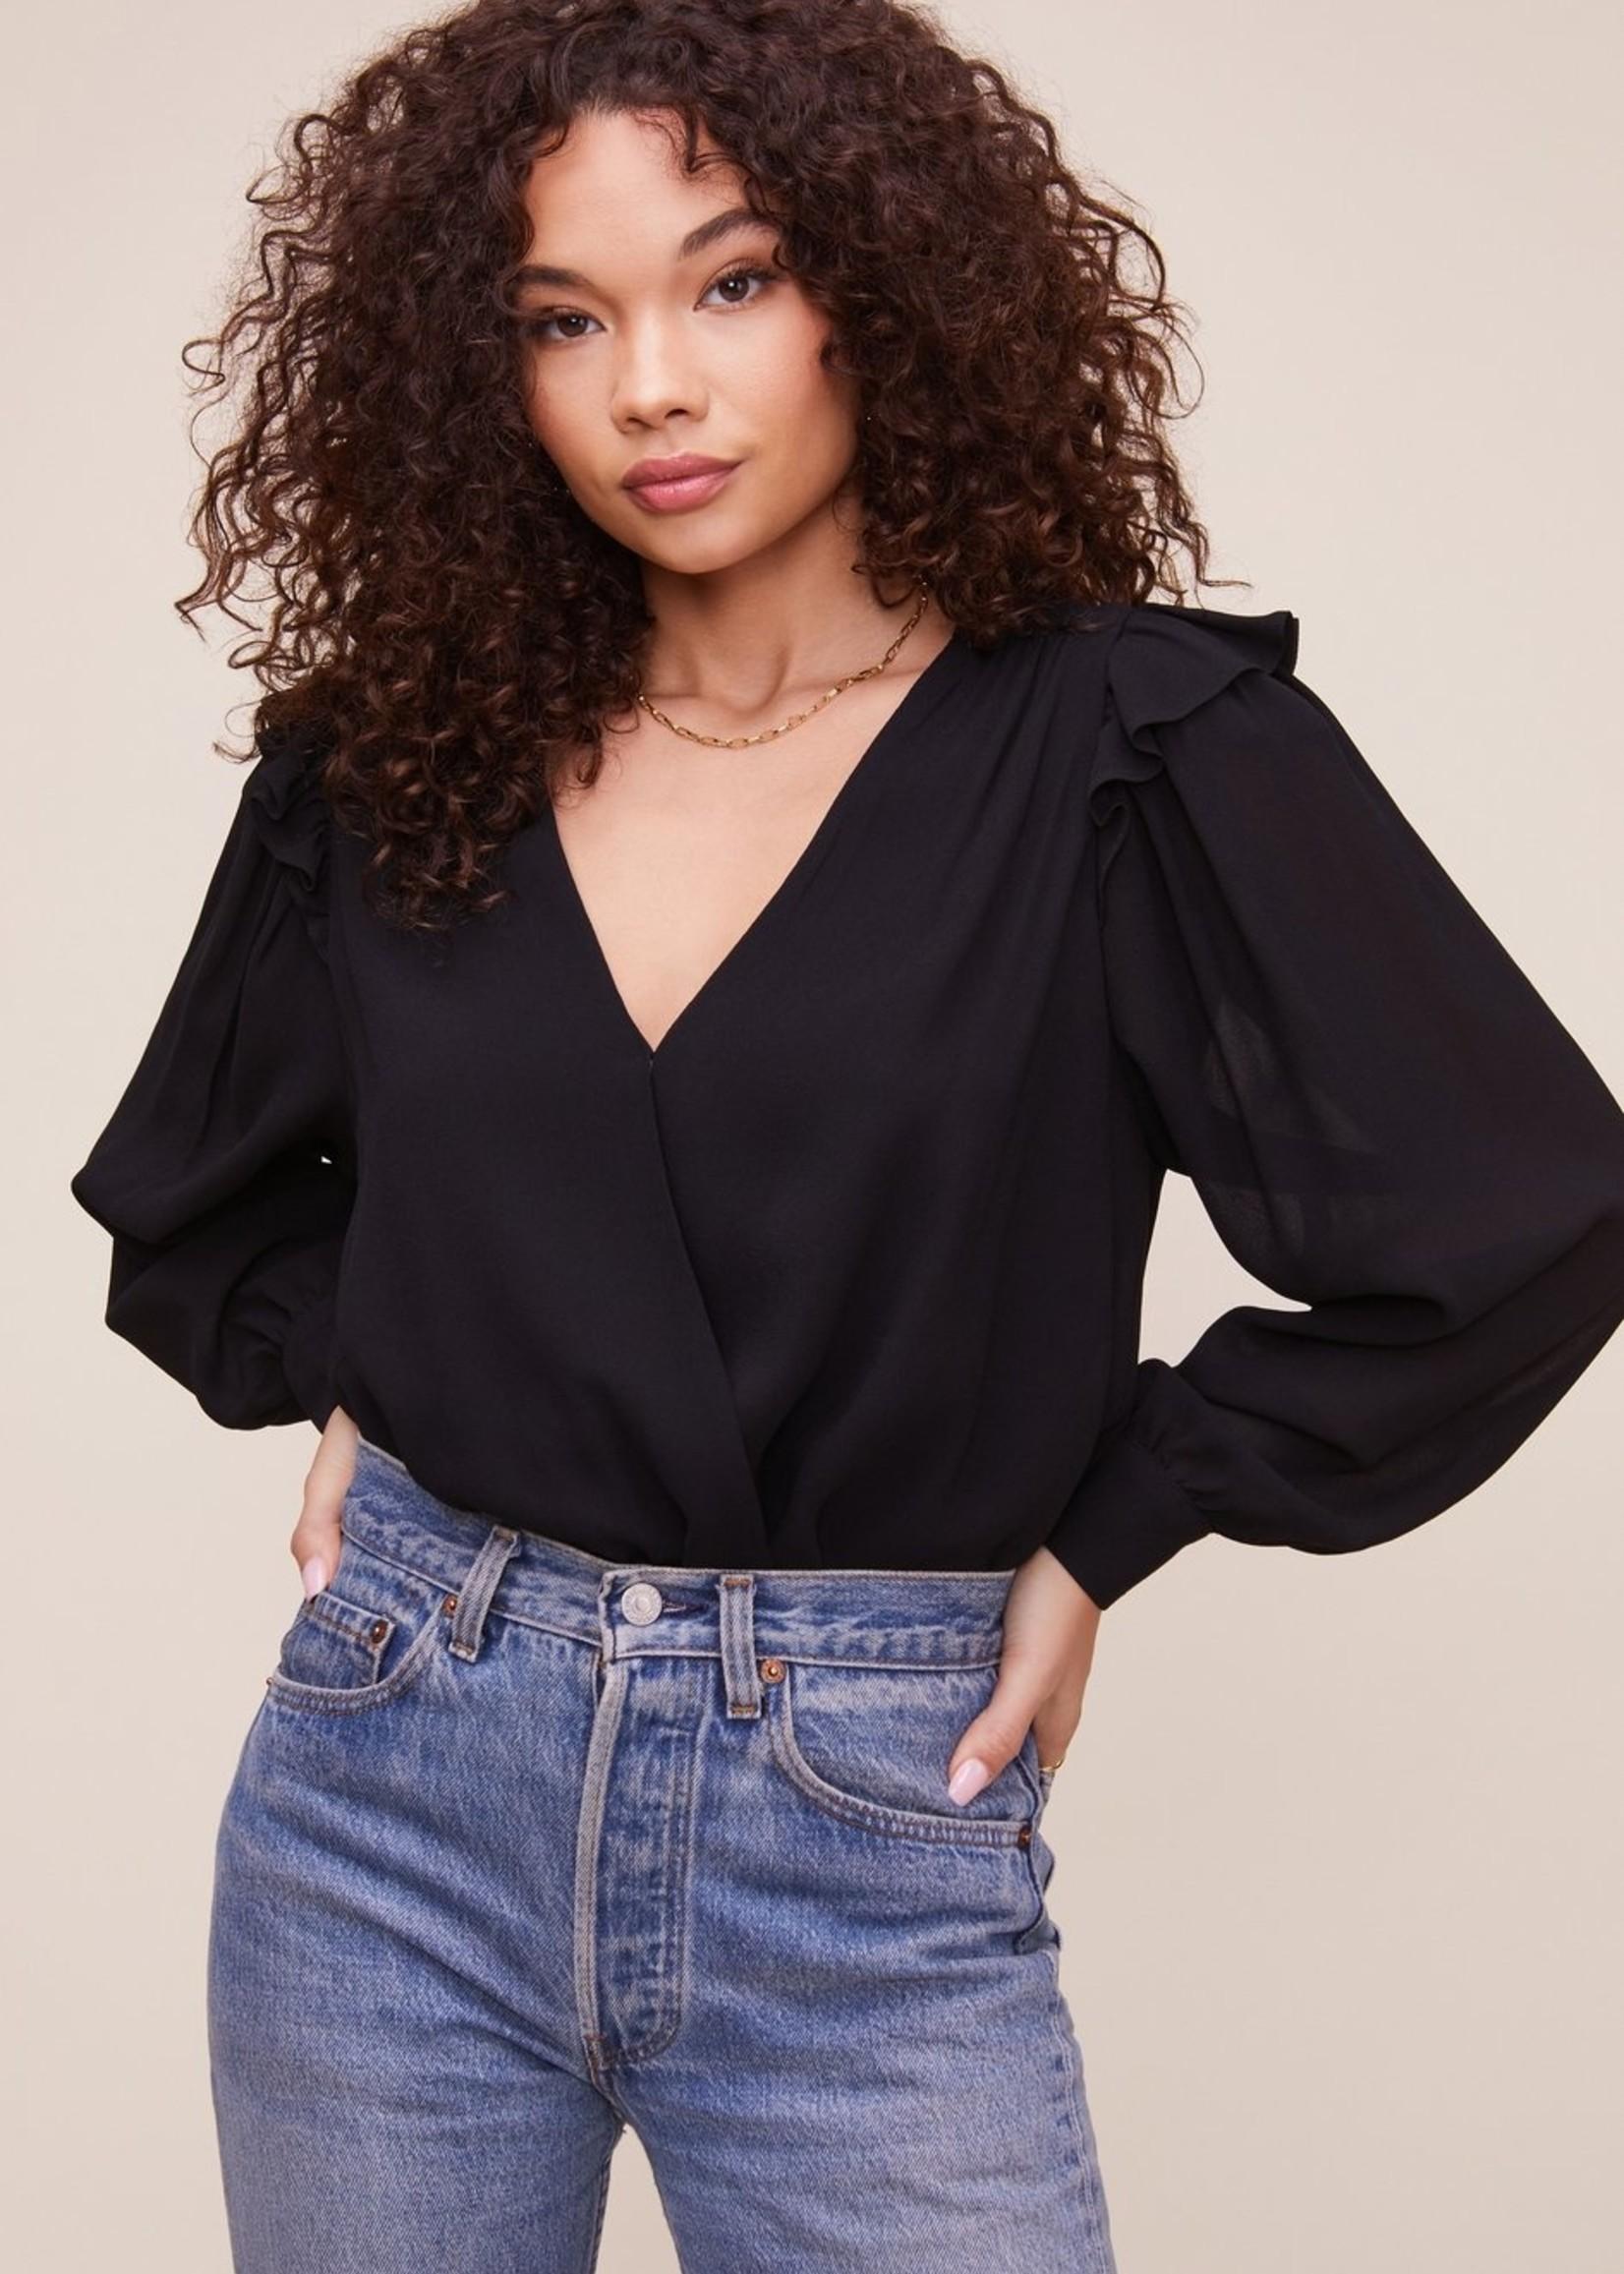 Elitaire Boutique Matilda Black Bodysuit